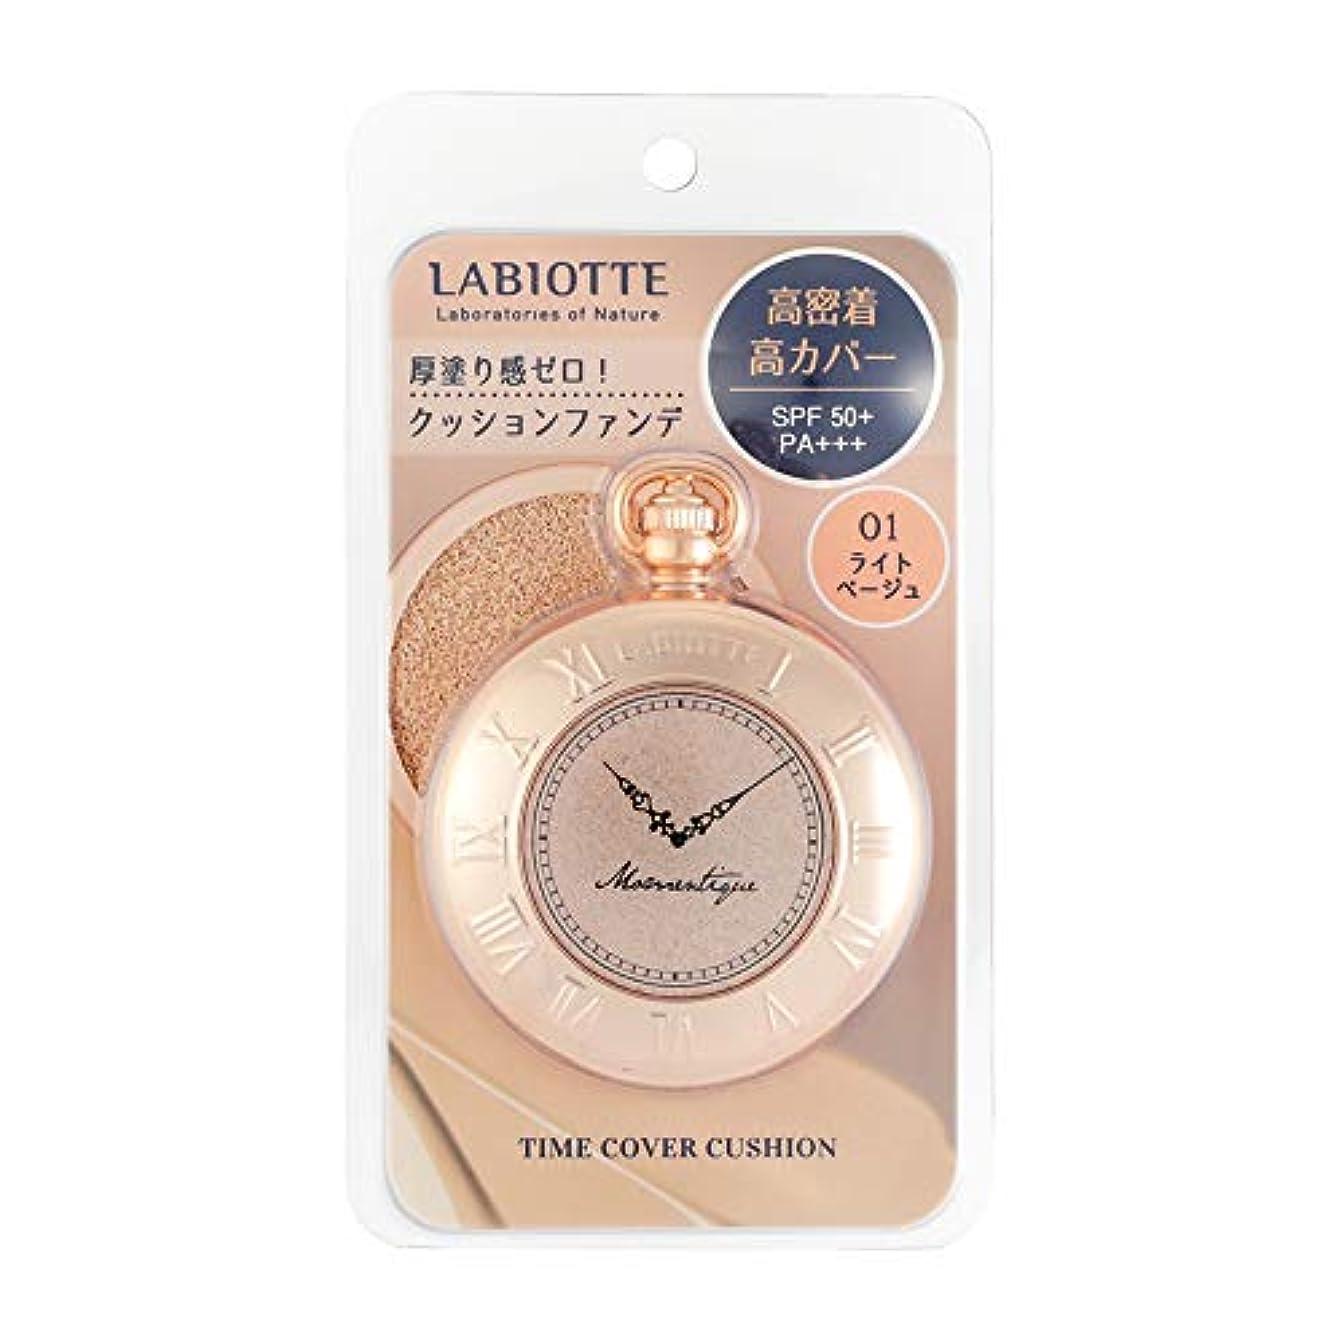 拡張歌う大破LABIOTTE(ラビオッテ) タイムカバークッションファンデ 01 ライトベージュ (13g)